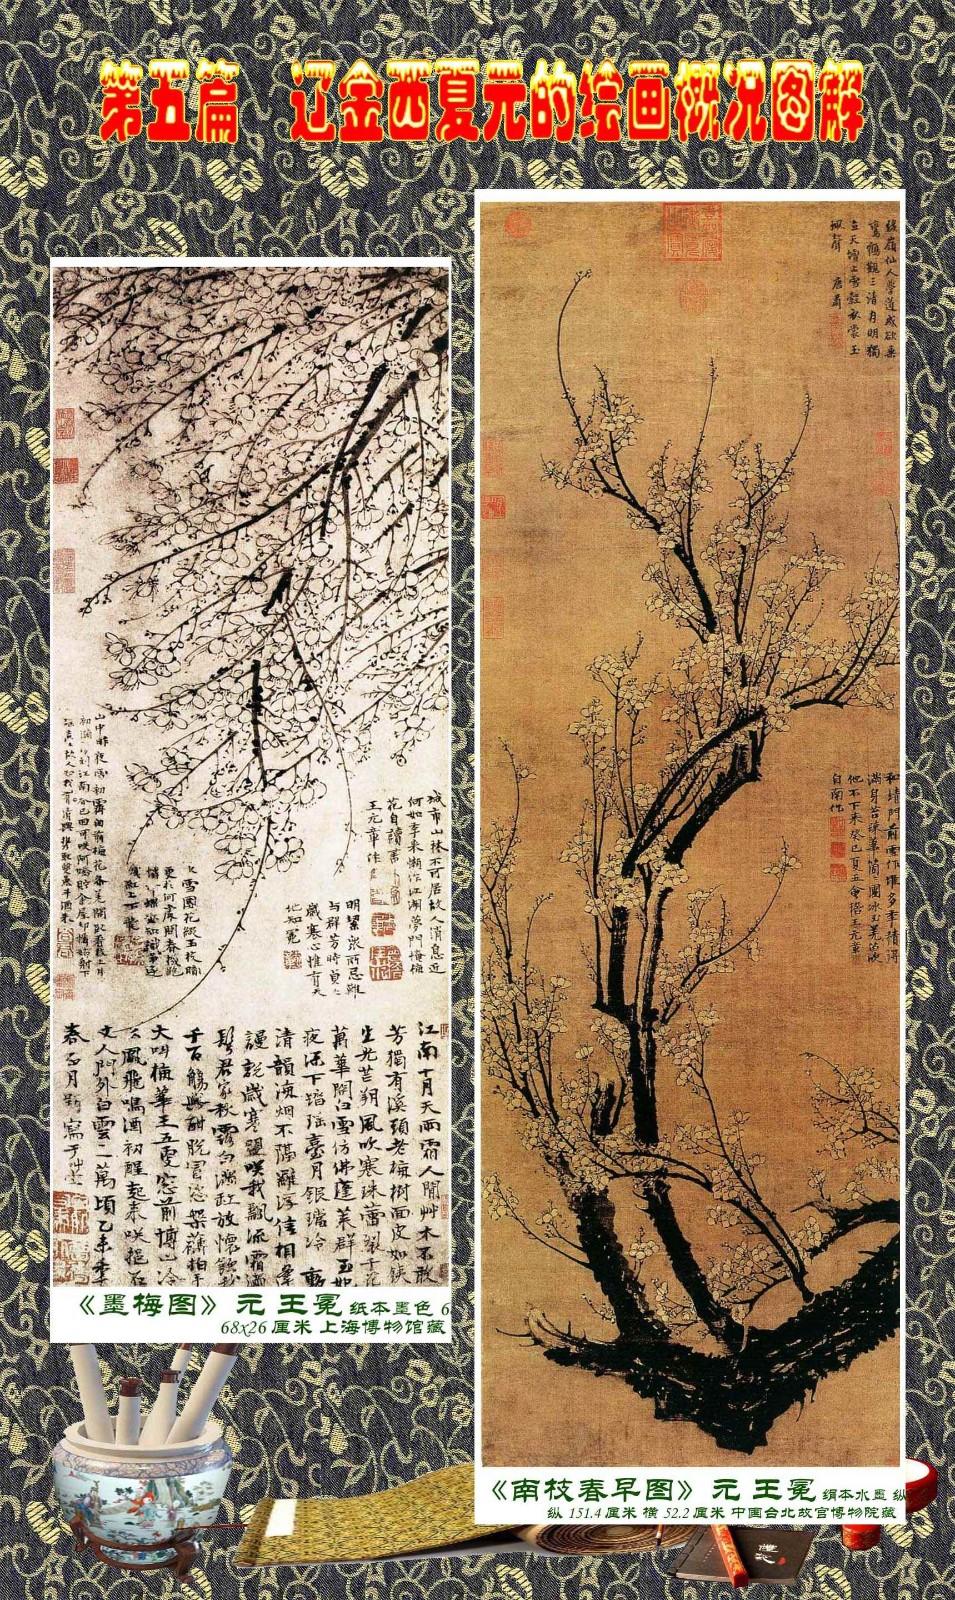 顾绍骅编辑 中国画知识普及版 第五篇 辽金西夏元的绘画概况 下 ... ..._图1-53